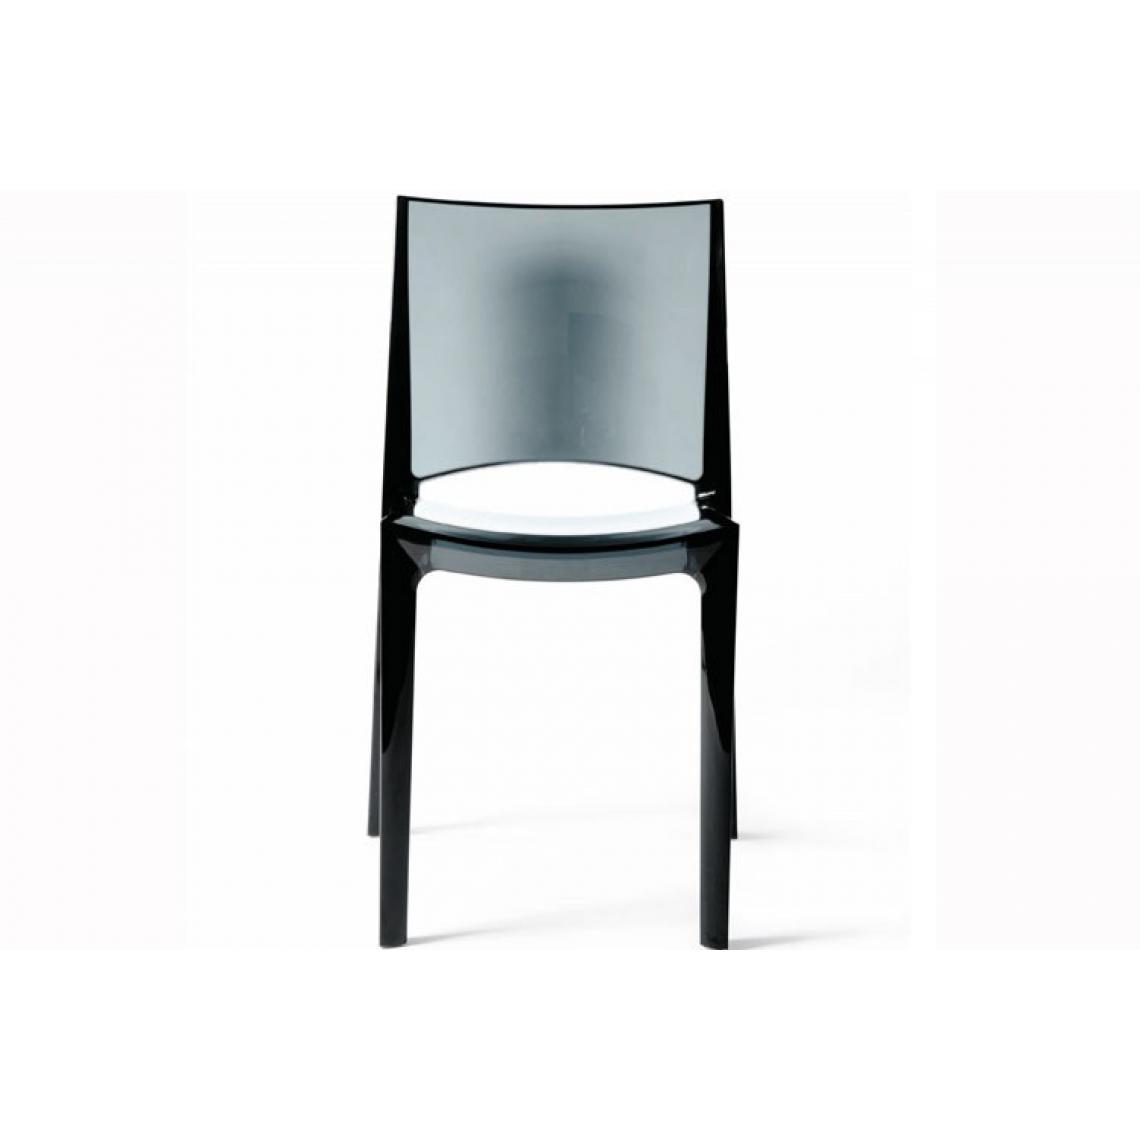 Chaise Design Gris Transparent Crystal NILO | 3 SUISSES